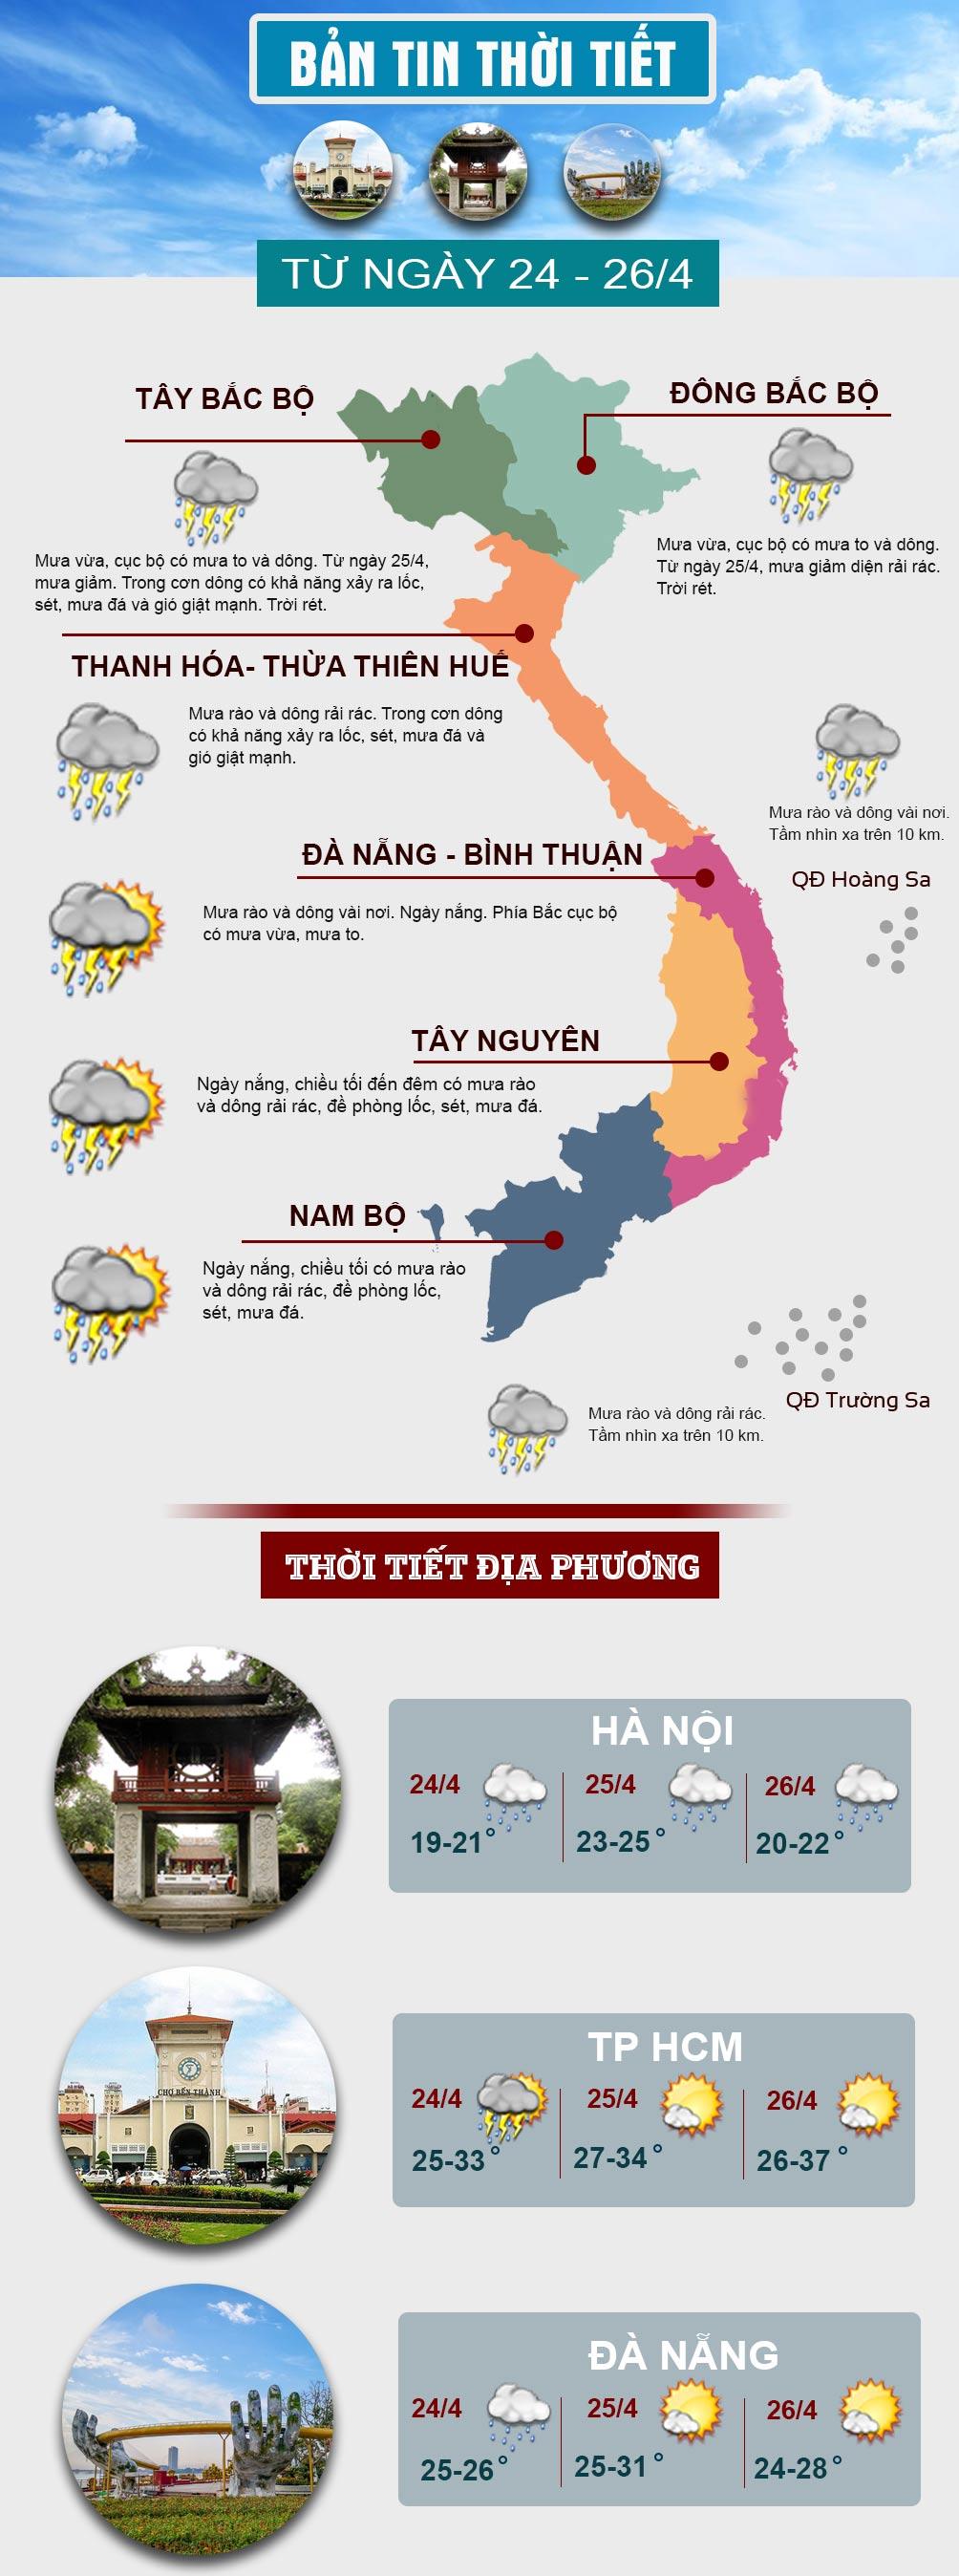 Miền Bắc trời mưa rét, miền Nam có nắng dịp cuối tuần - 1